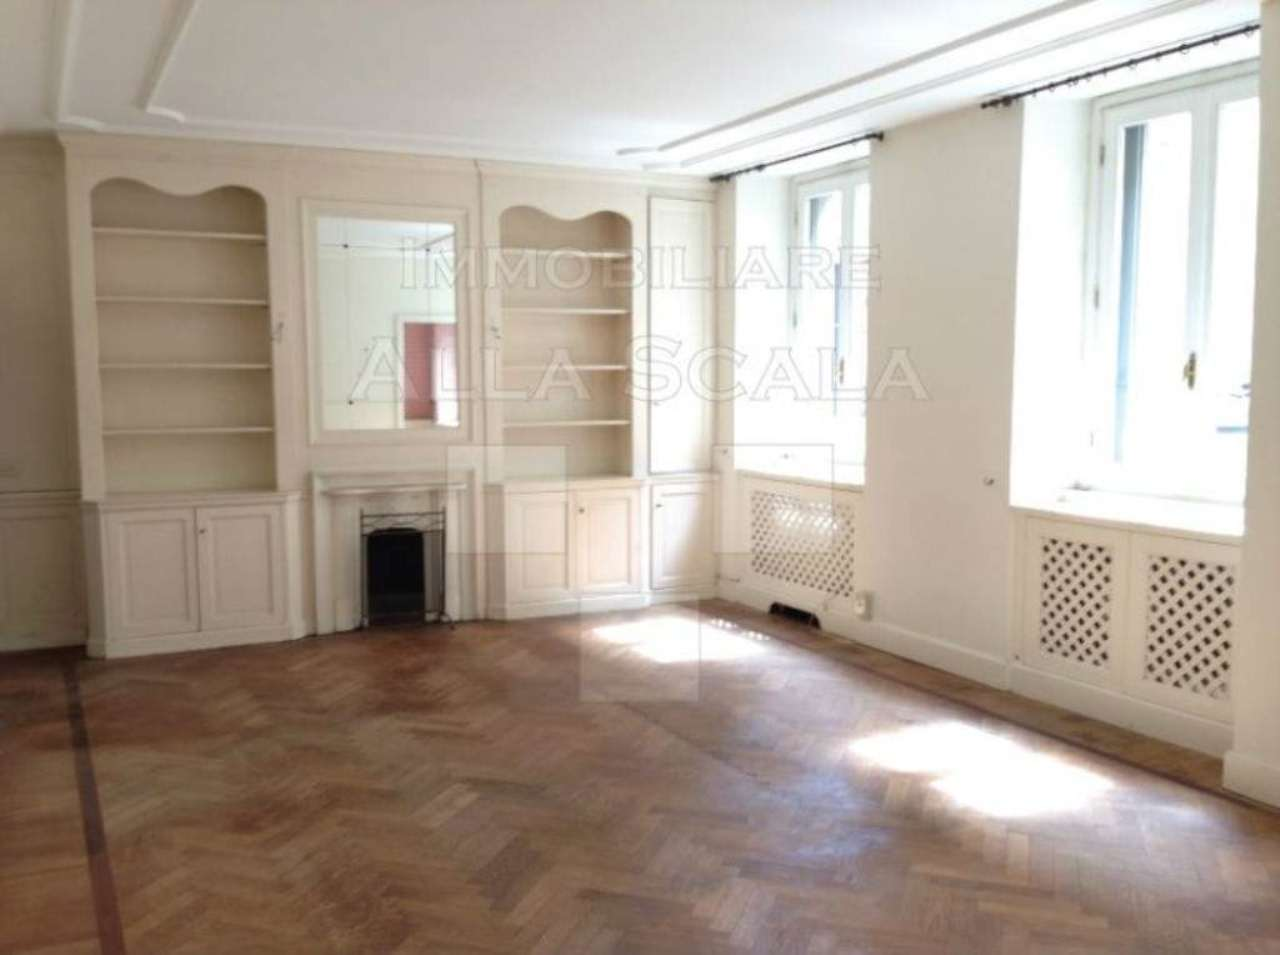 Appartamento in affitto a Milano, 4 locali, zona Zona: 1 . Centro Storico, Duomo, Brera, Cadorna, Cattolica, prezzo € 3.160 | Cambio Casa.it